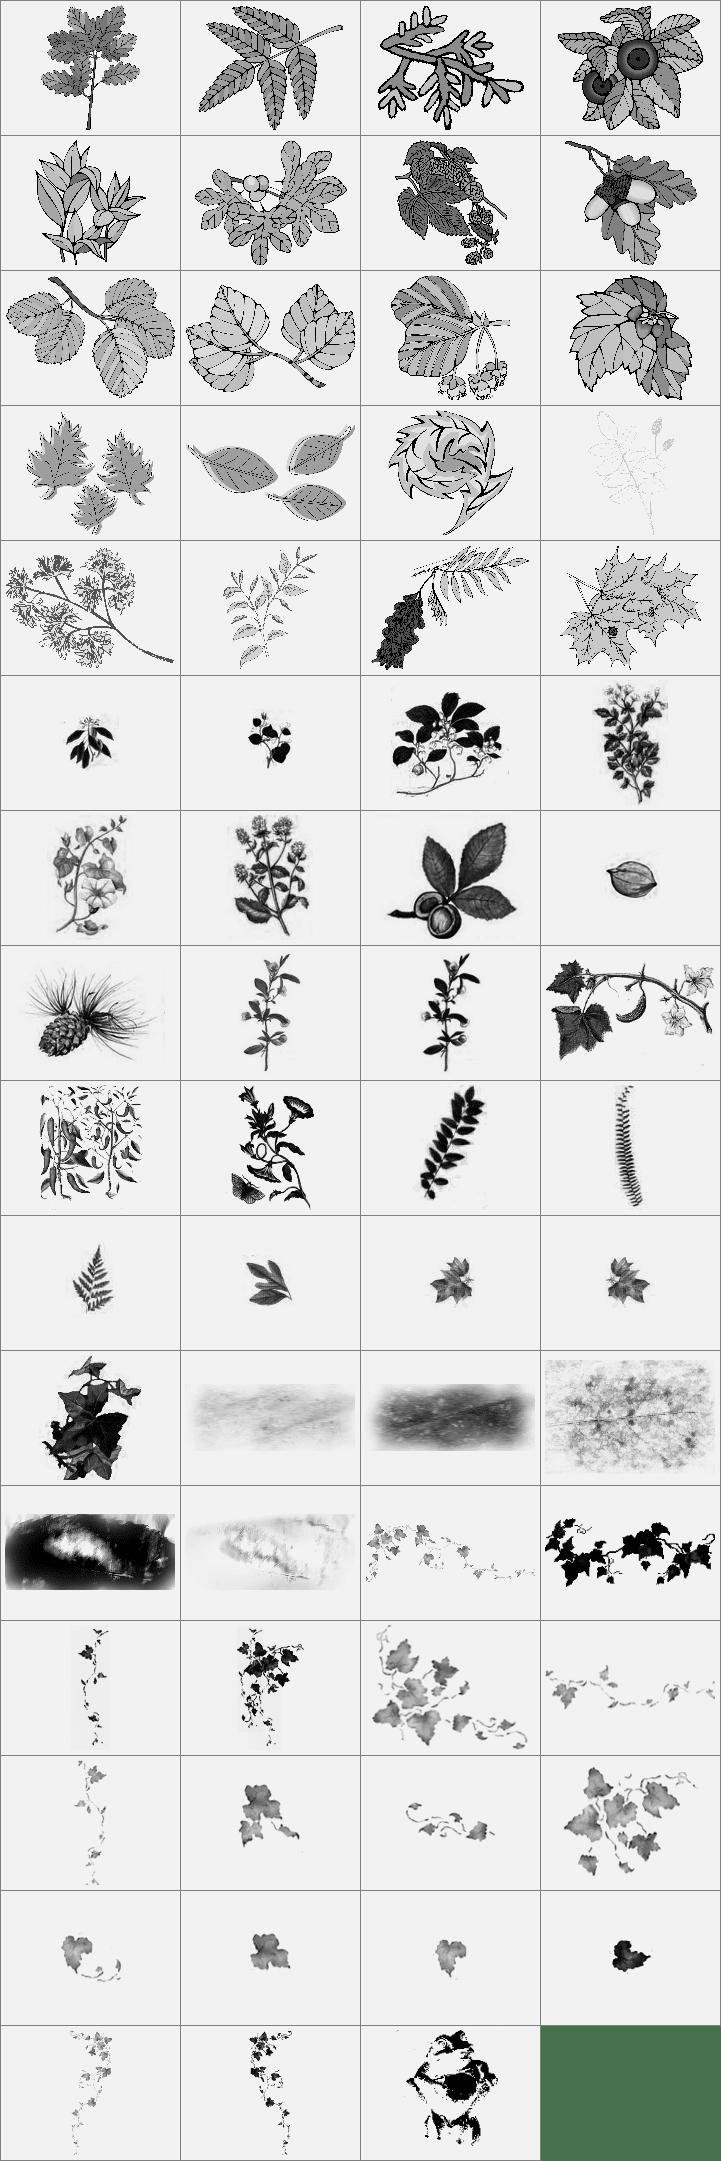 八个形色各异的树叶笔刷打包下载